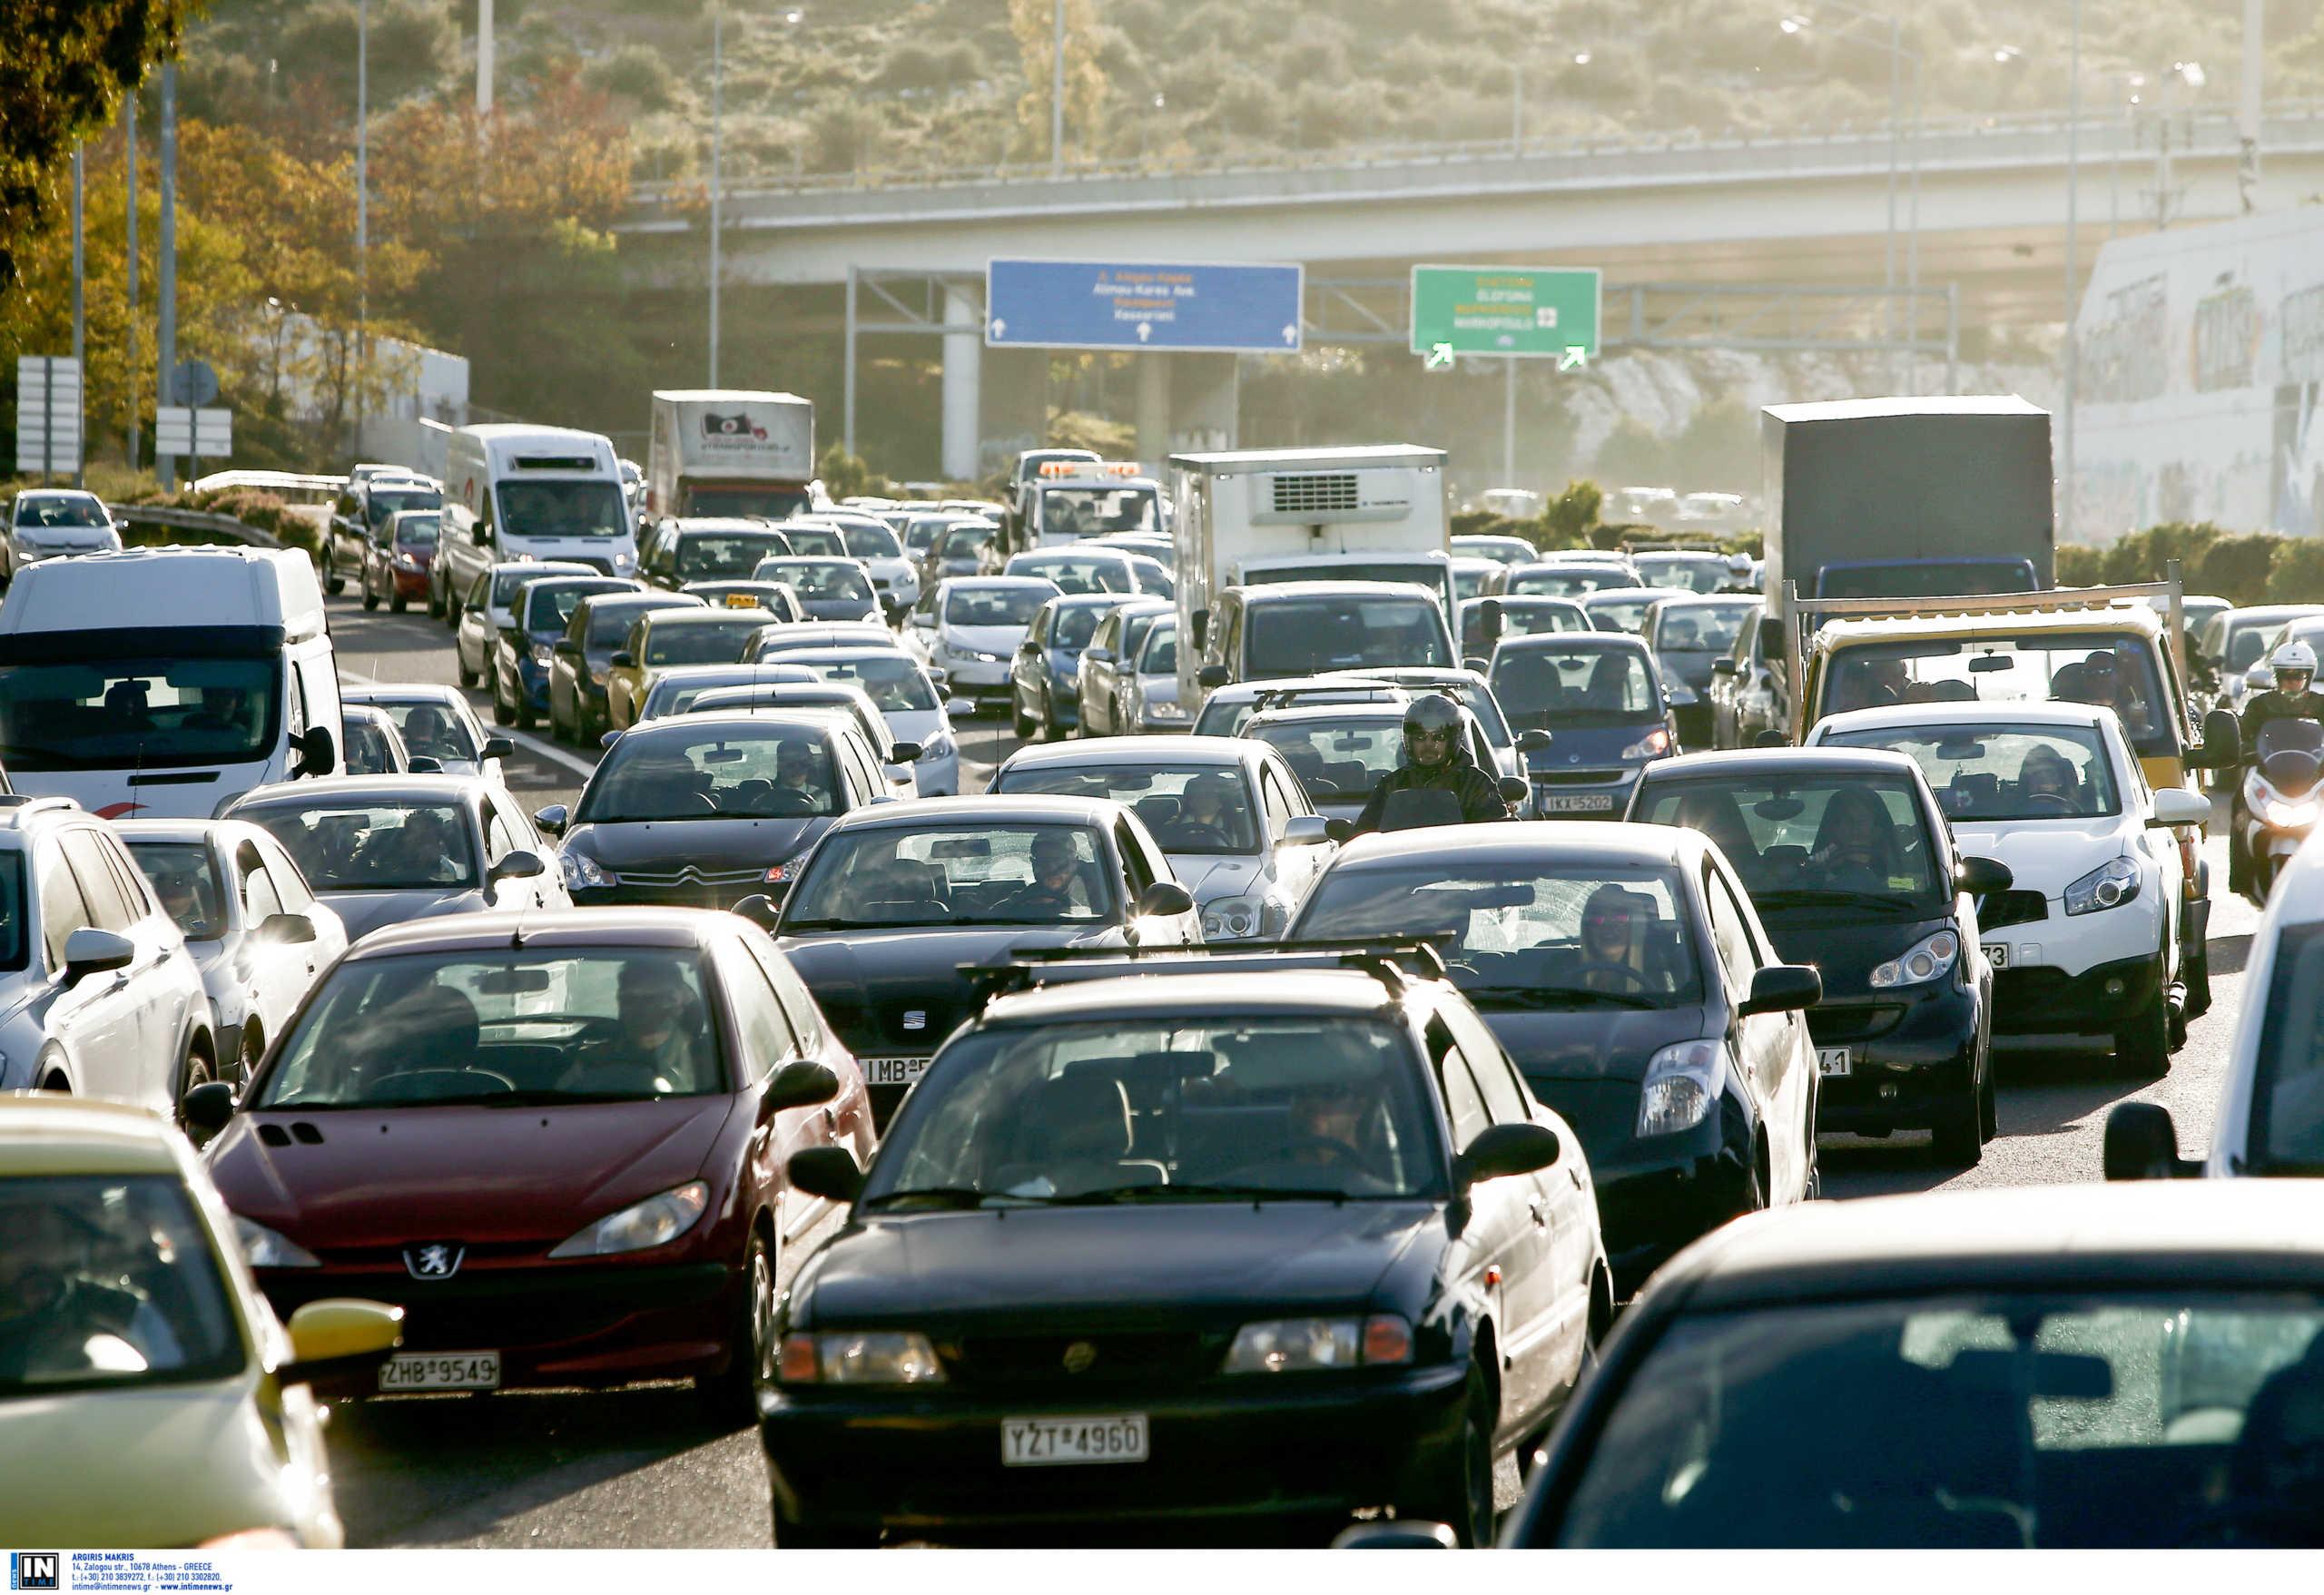 Οι έλεγχοι για την απαγόρευση κυκλοφορίας έφεραν… μποτιλιάρισμα! Μόνο συστάσεις σήμερα (video)